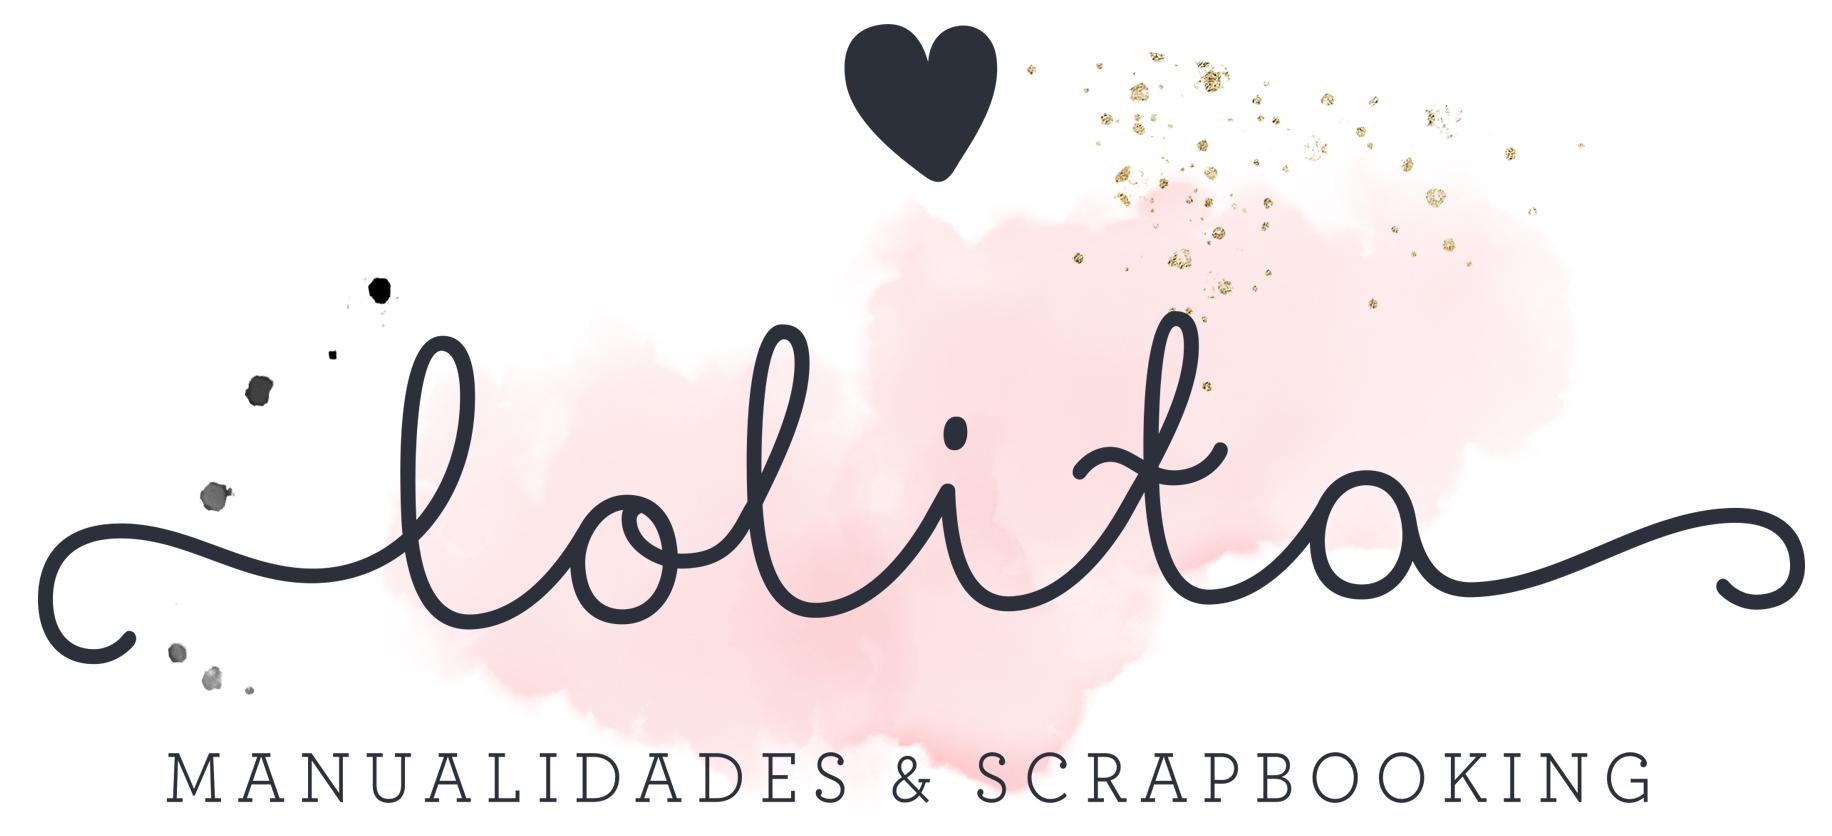 El BLog de Lolita